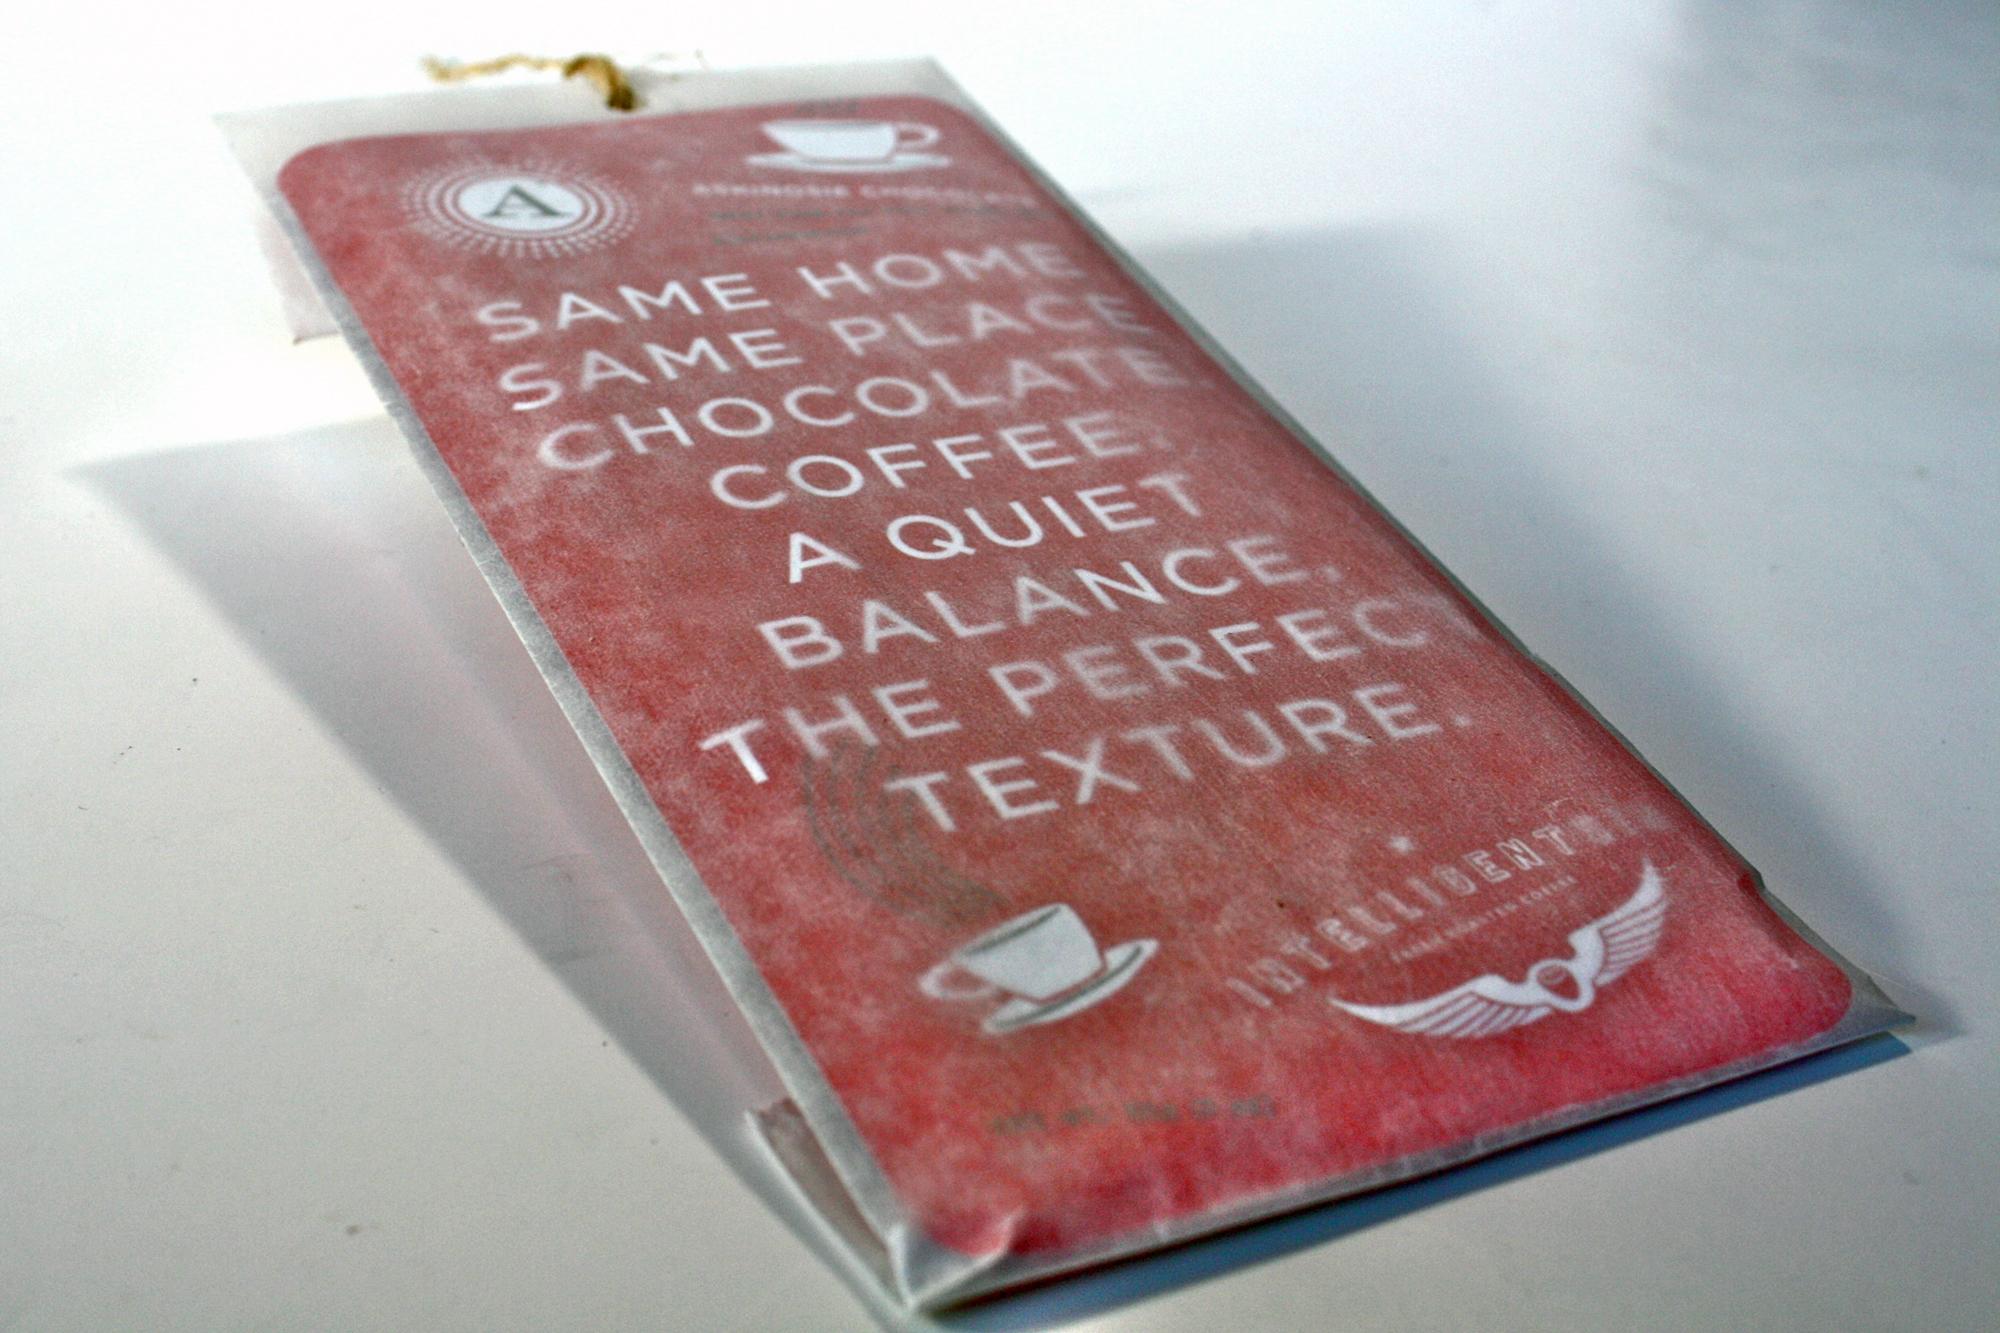 Askinosie Chocolate Unveils Next CollaBARator on New Bar ...